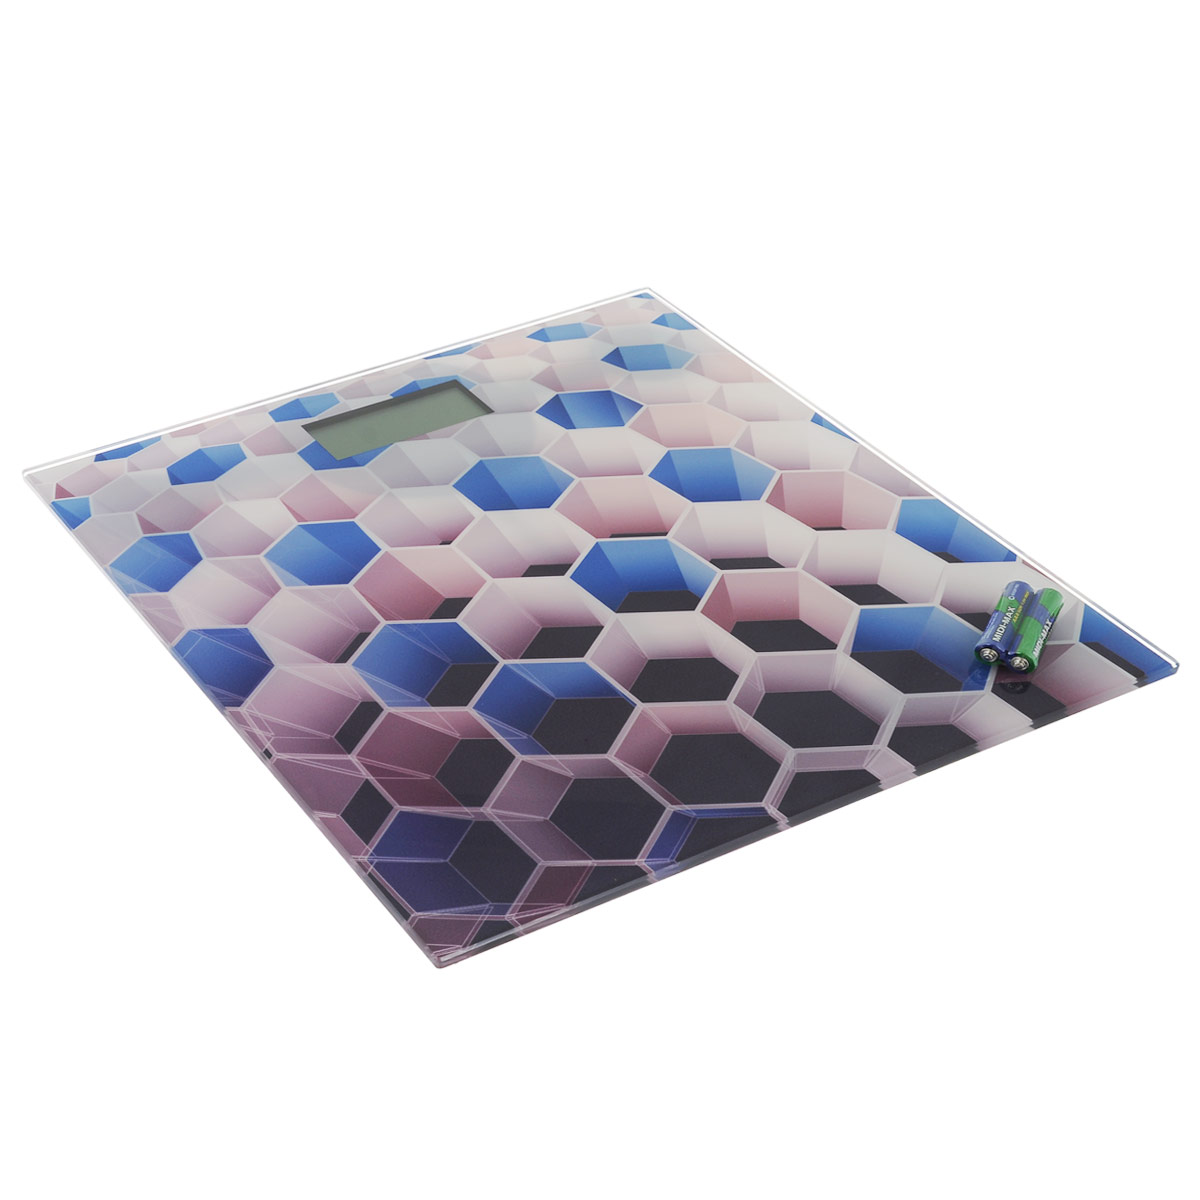 Весы напольные Bradex Соты, до 180 кгTD 0319Весы напольные Bradex Соты просты и удобны в эксплуатации.Горизонтальная платформа изготовлена из качественного высокопрочного стекла, выдерживающего вес до 180 кг. Весы оснащены жидкокристаллическим монитором, на котором хорошо видны цифры. Яркий геометрический рисунок с 3D эффектом приковывает внимание и станет стильным элементом декора.Изделие работает от двух батареек типа ААА, которые входят в комплект. Прилагаетсяинструкция по эксплуатации на русскомязыке. Размер весов: 30 см x 30 см x 2,2 см. Размер дисплея: 7,5 см x 3,1 см.